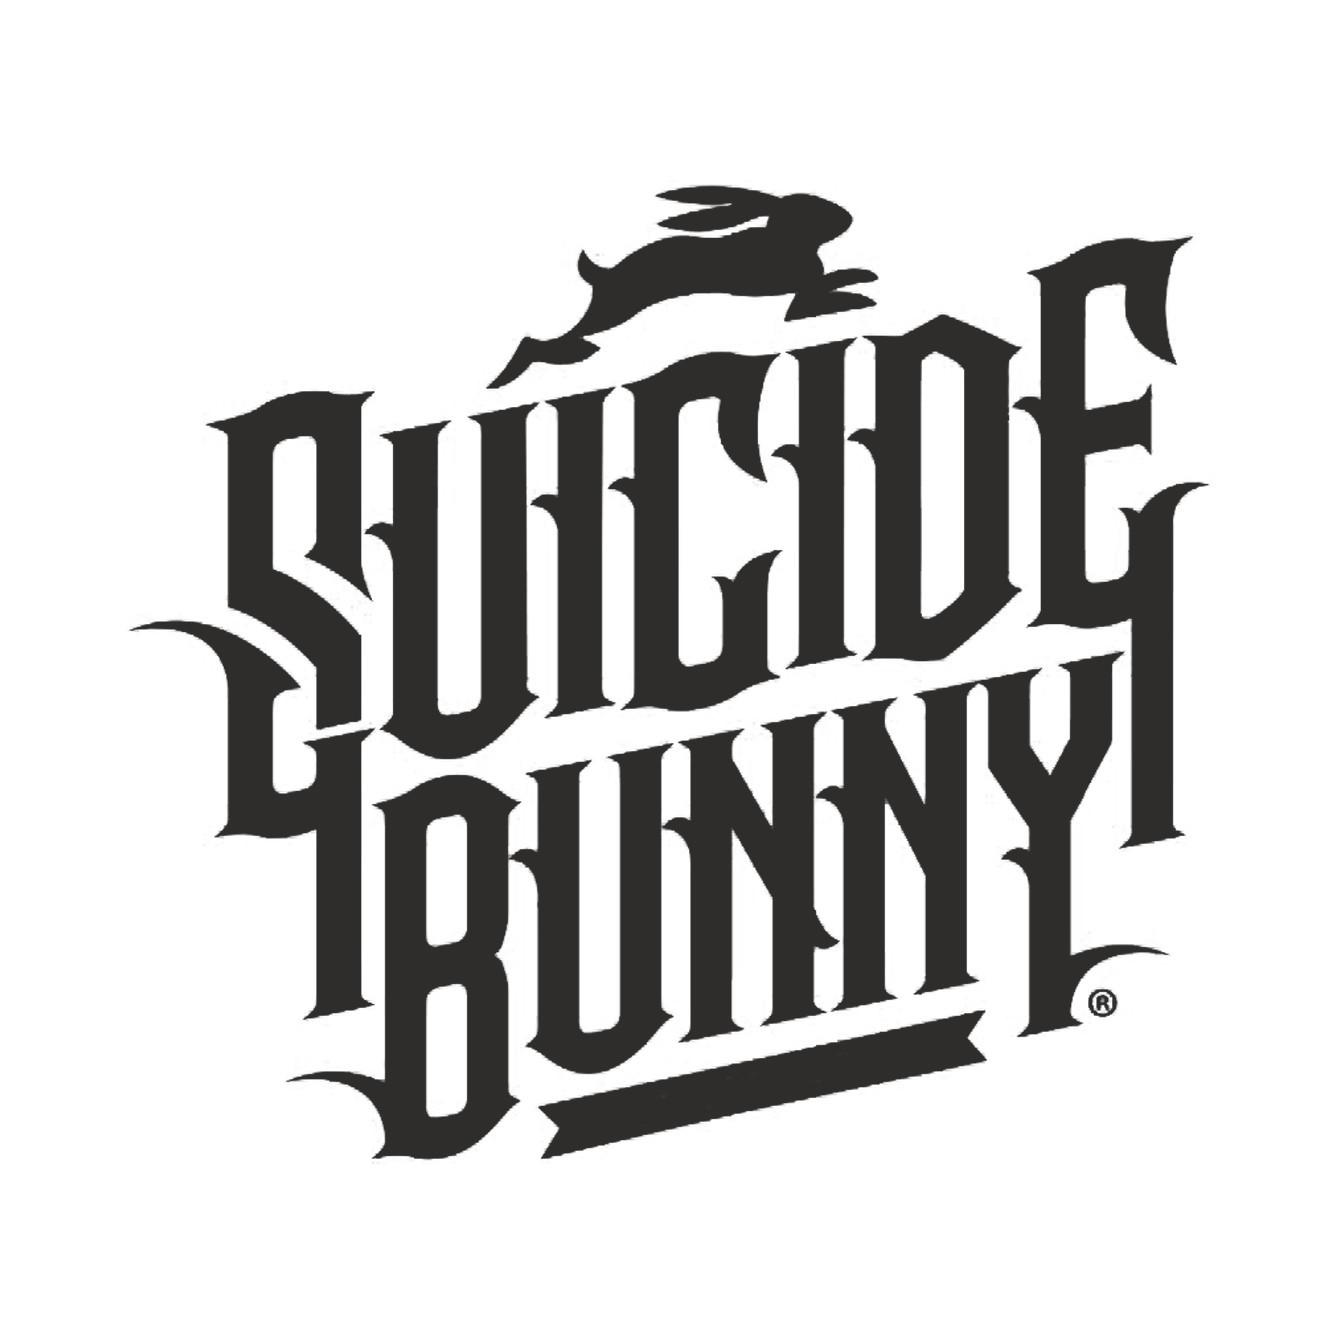 Suicide Bunny